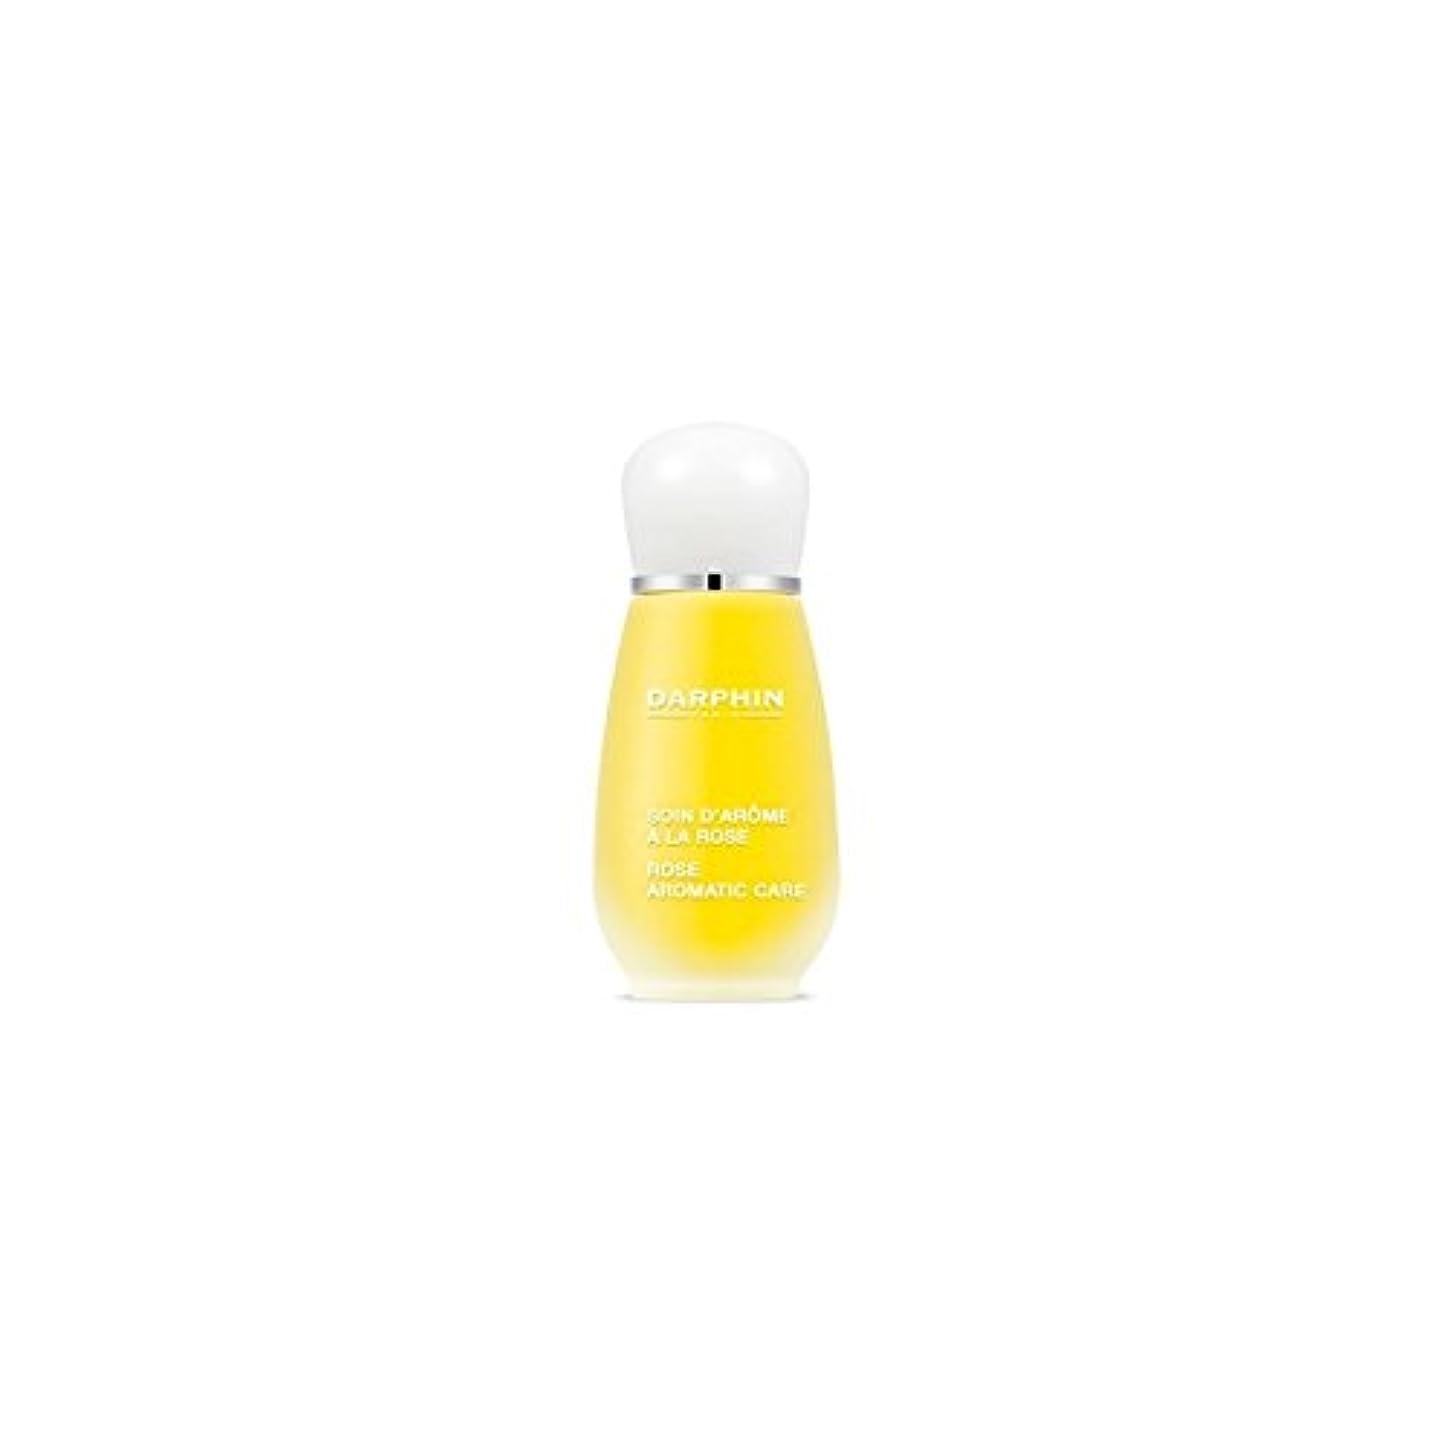 突っ込む水っぽいブースト芳香ケア(15ミリリットル)をバラダルファン x4 - Darphin Rose Aromatic Care (15ml) (Pack of 4) [並行輸入品]